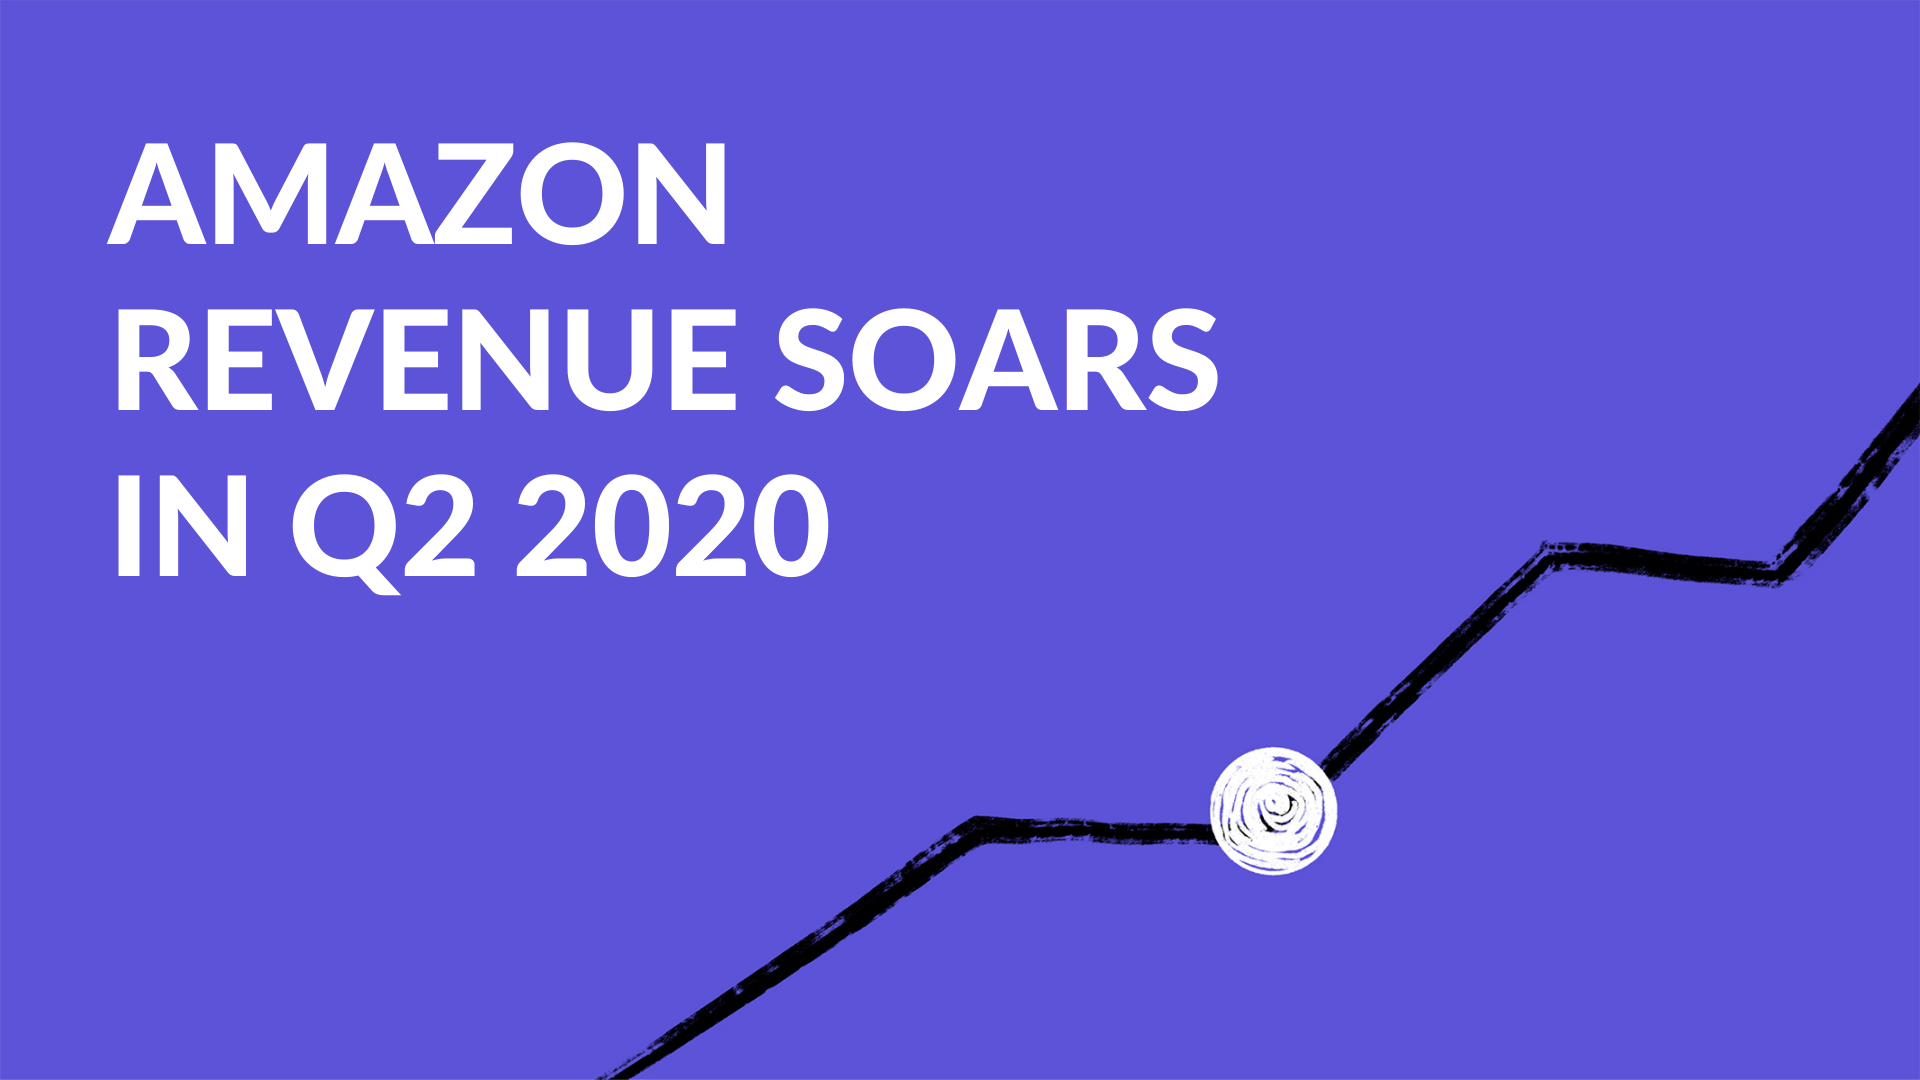 Amazon's second quarter earnings soar in 2020